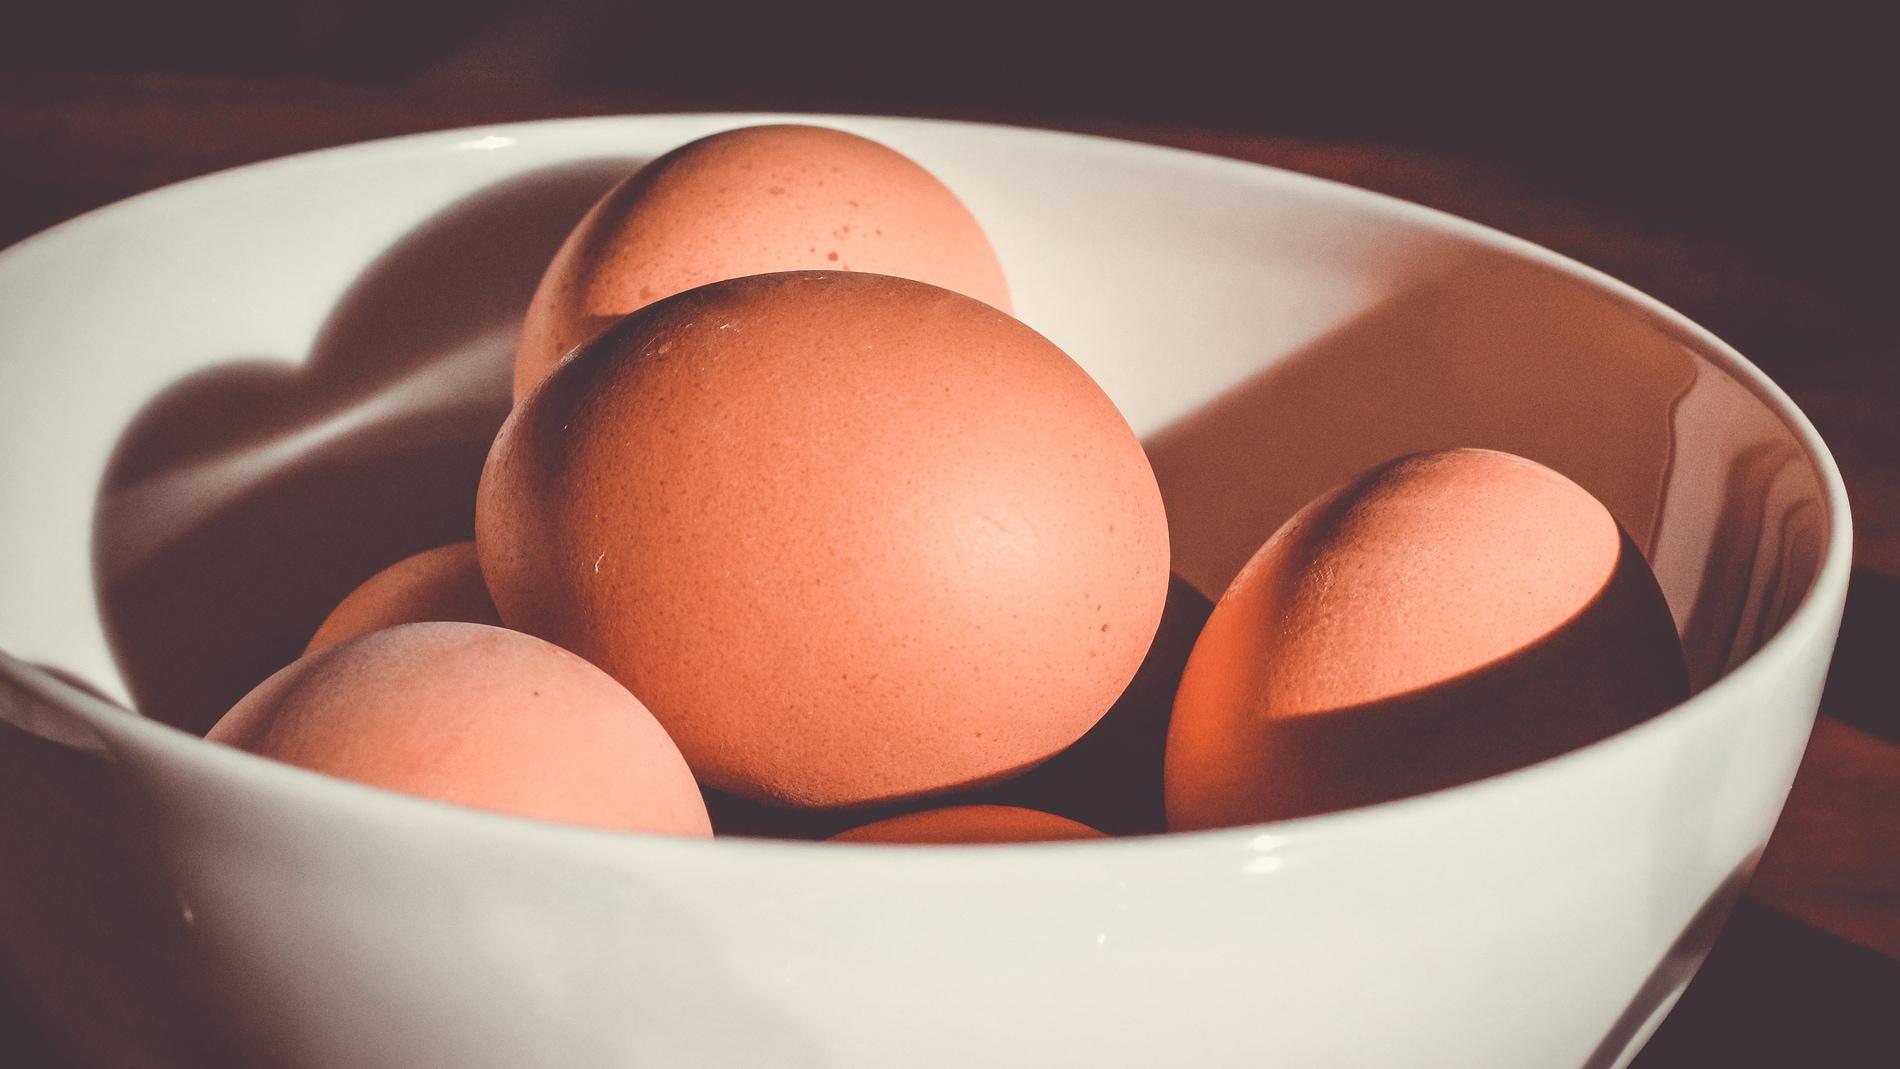 La última moda es beber las cáscaras de huevo.